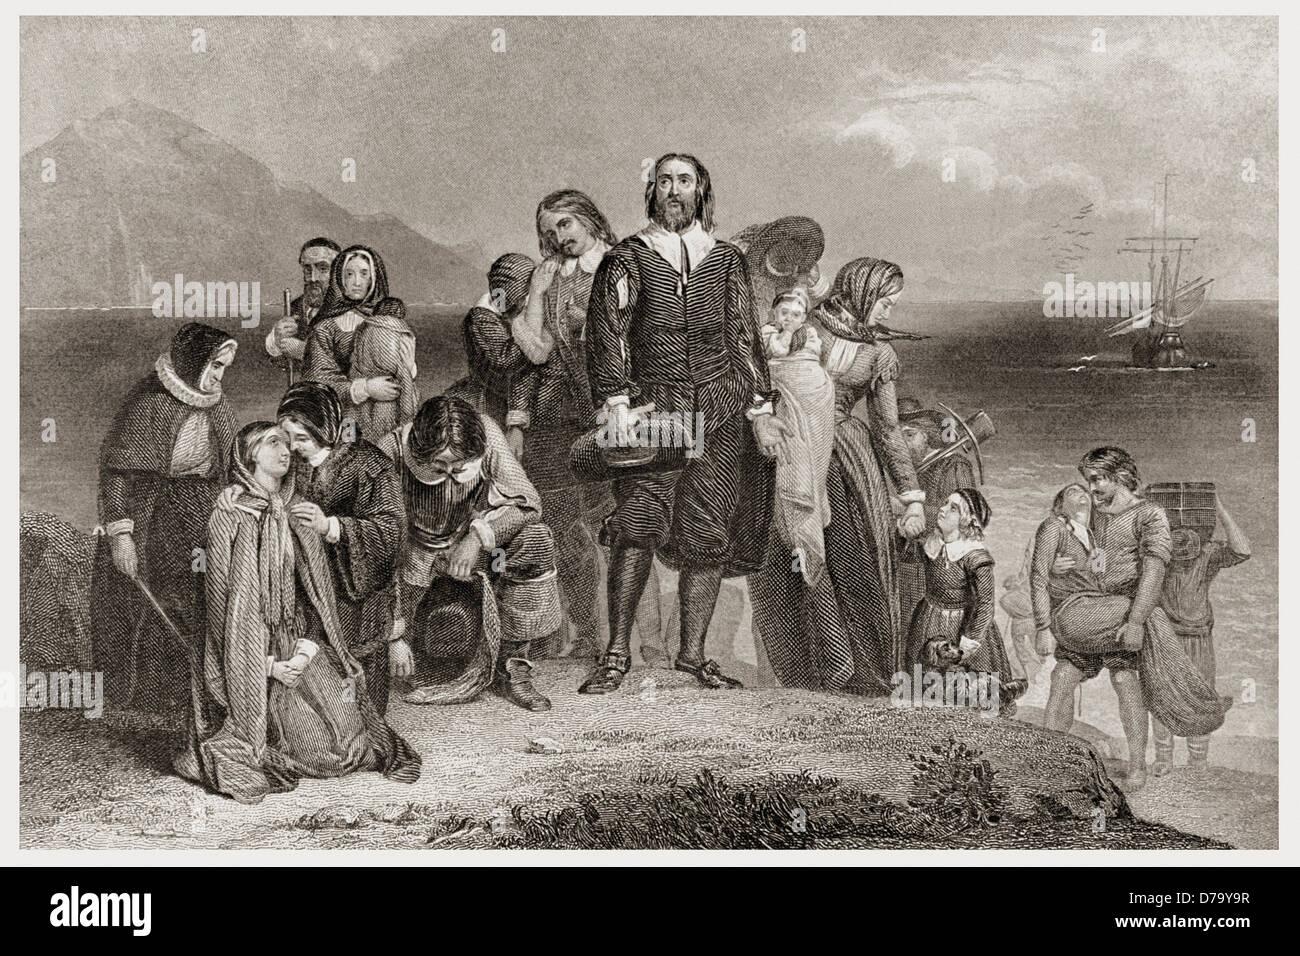 Erste Landung Pilger 1620 Stockbild